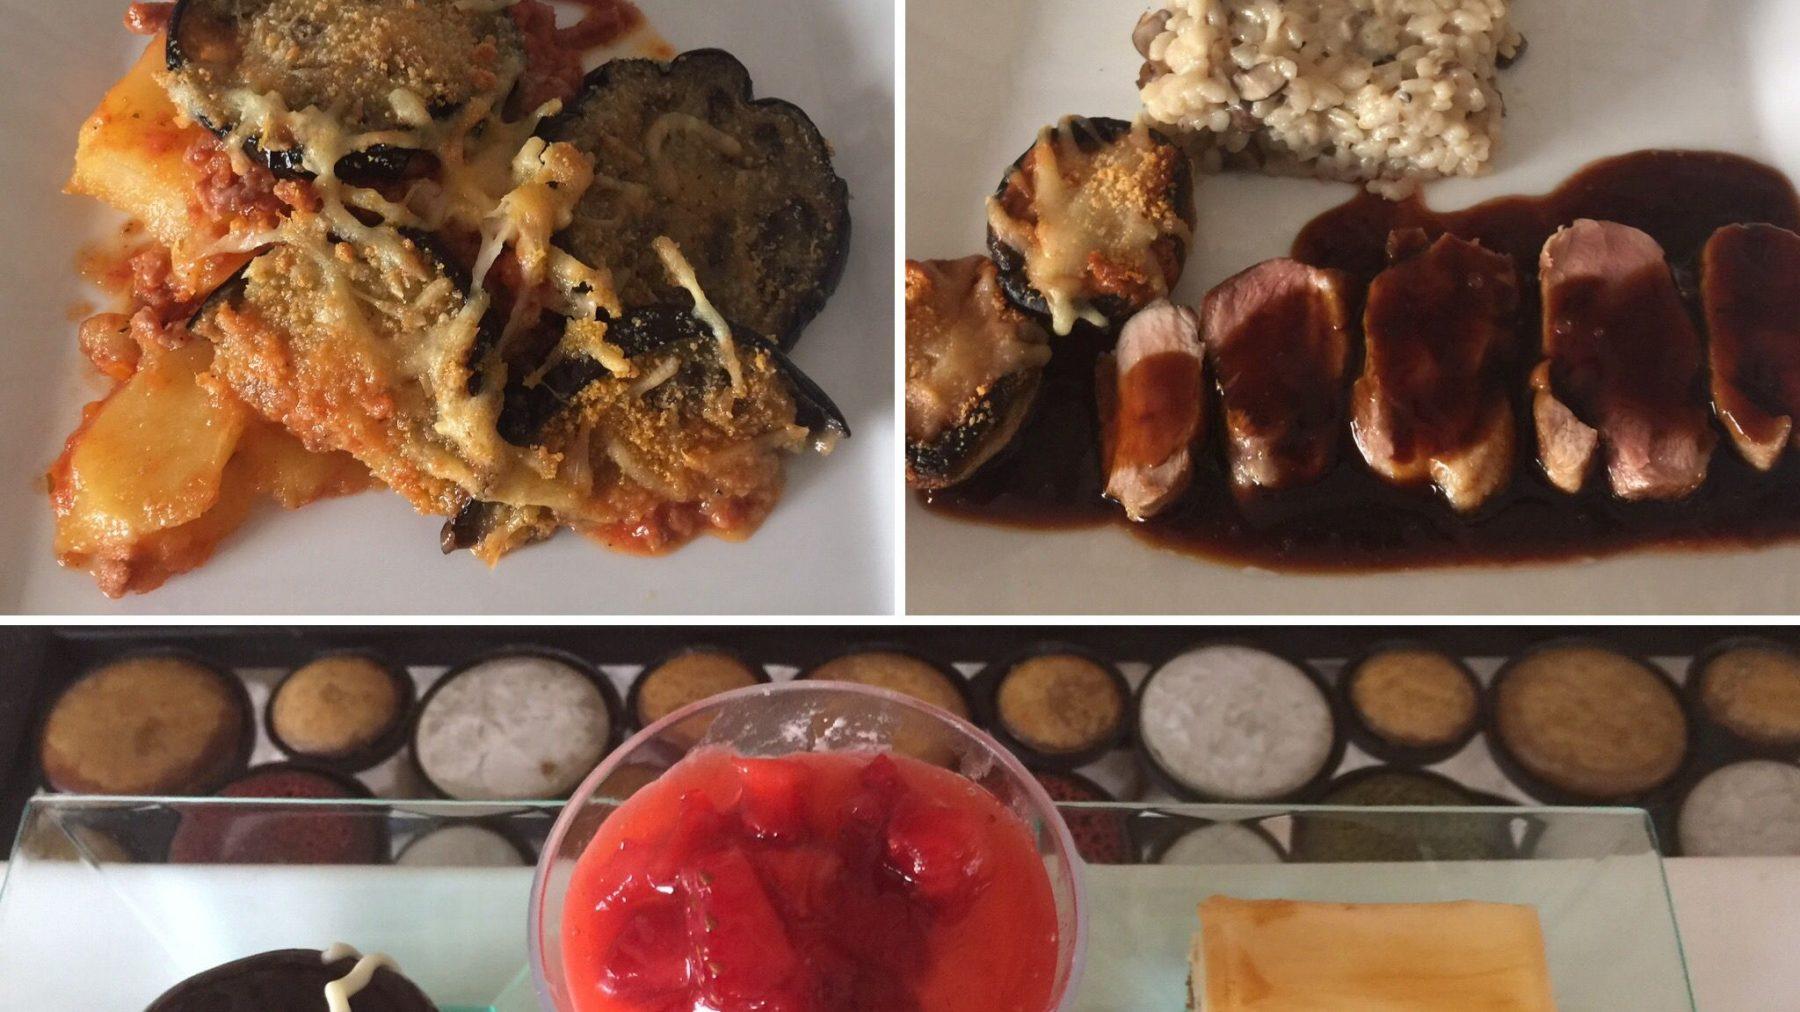 Sesiones gastronómicas, taller de cocina en Sant Feliu de Llobregat. Algo más que postres